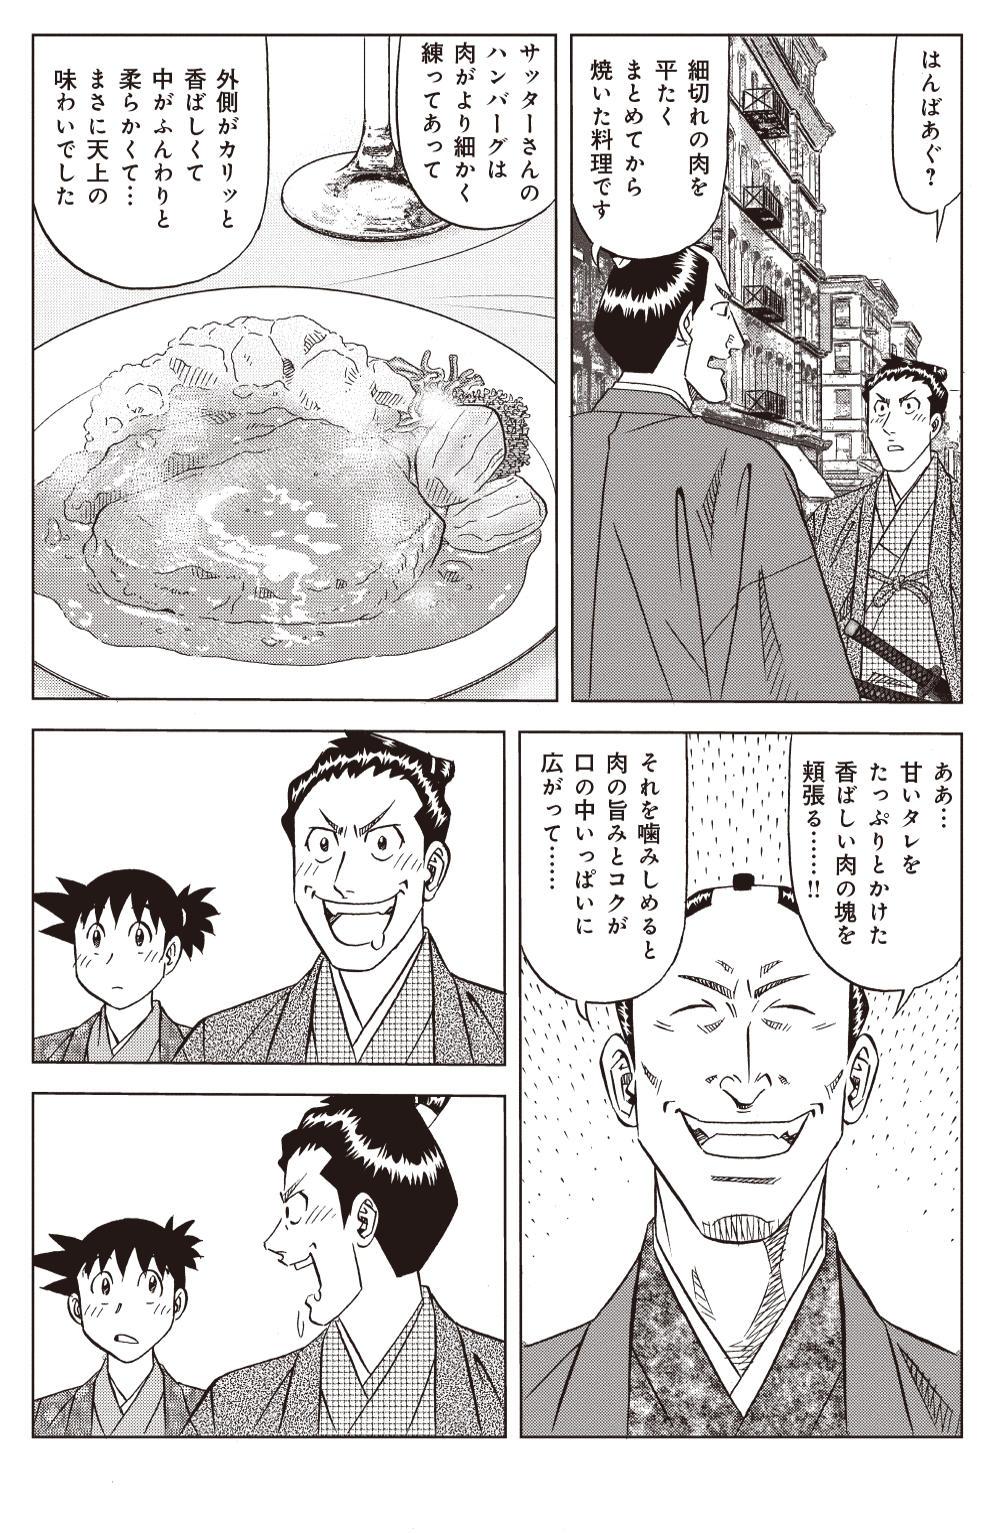 ミスター味っ子 幕末編 第3話「黄金大陸」①ajikko01-89.jpg